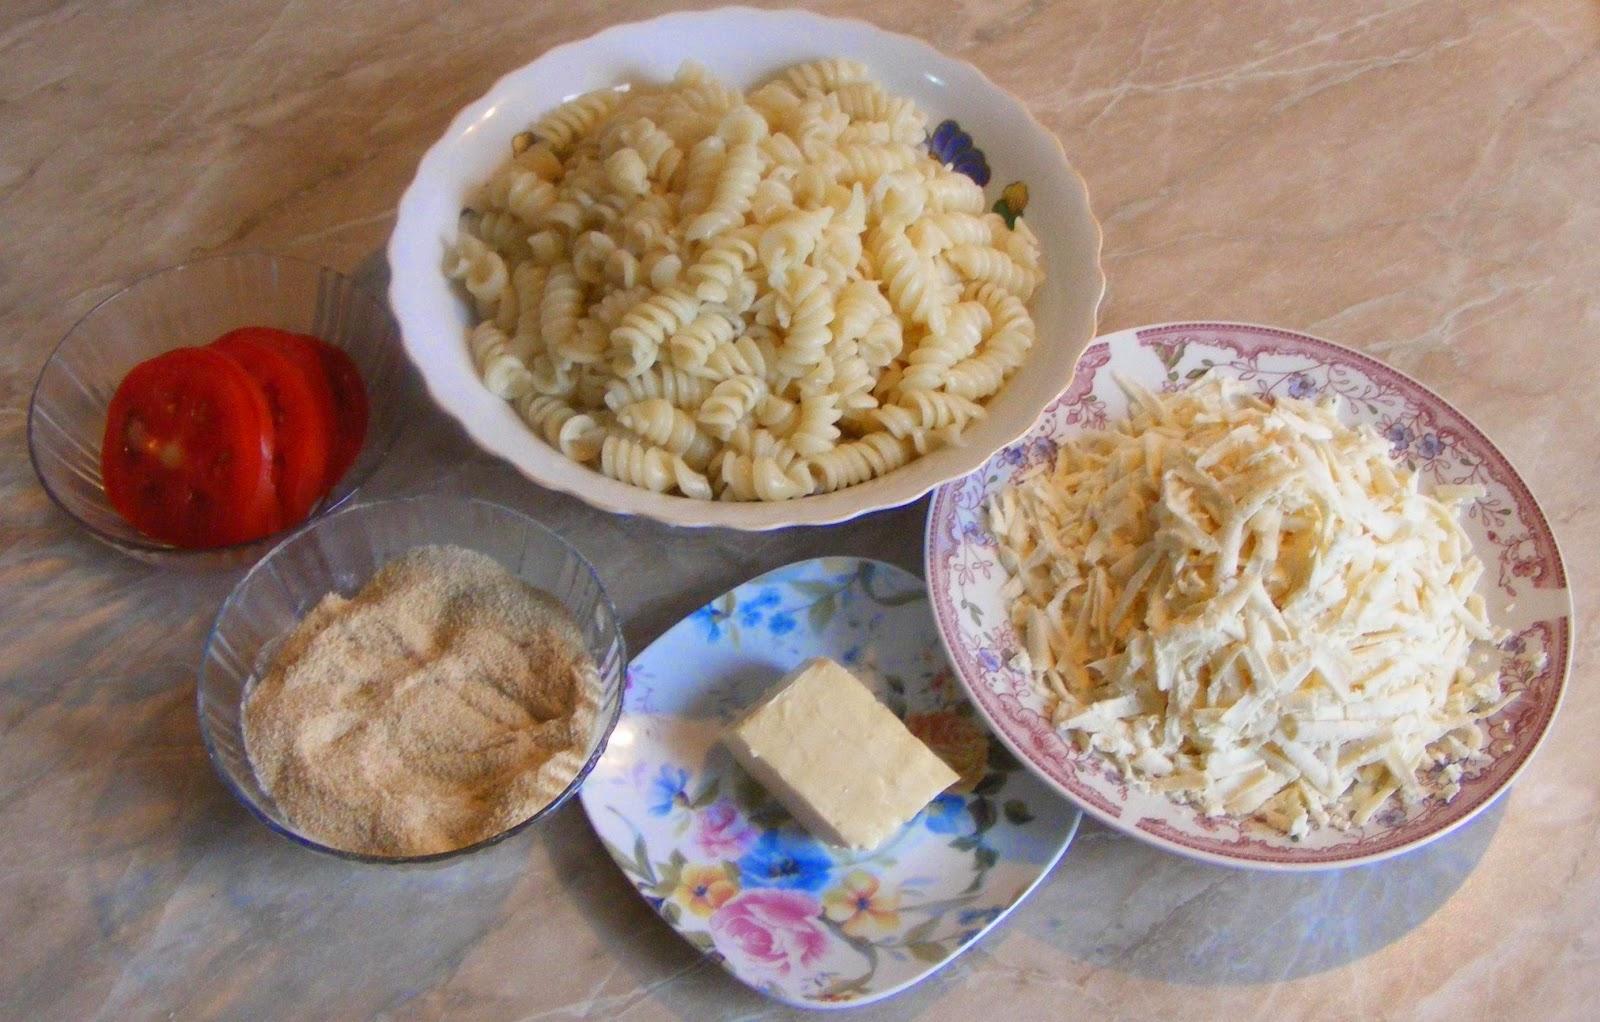 ingrediente pentru macaroane cu branza si rosii la cuptor, ingrediente pentru paste cu branza si rosii la cuptor, retete si preparate culinare cu paste fainoase si branza, retete cu rosii si pesmet,